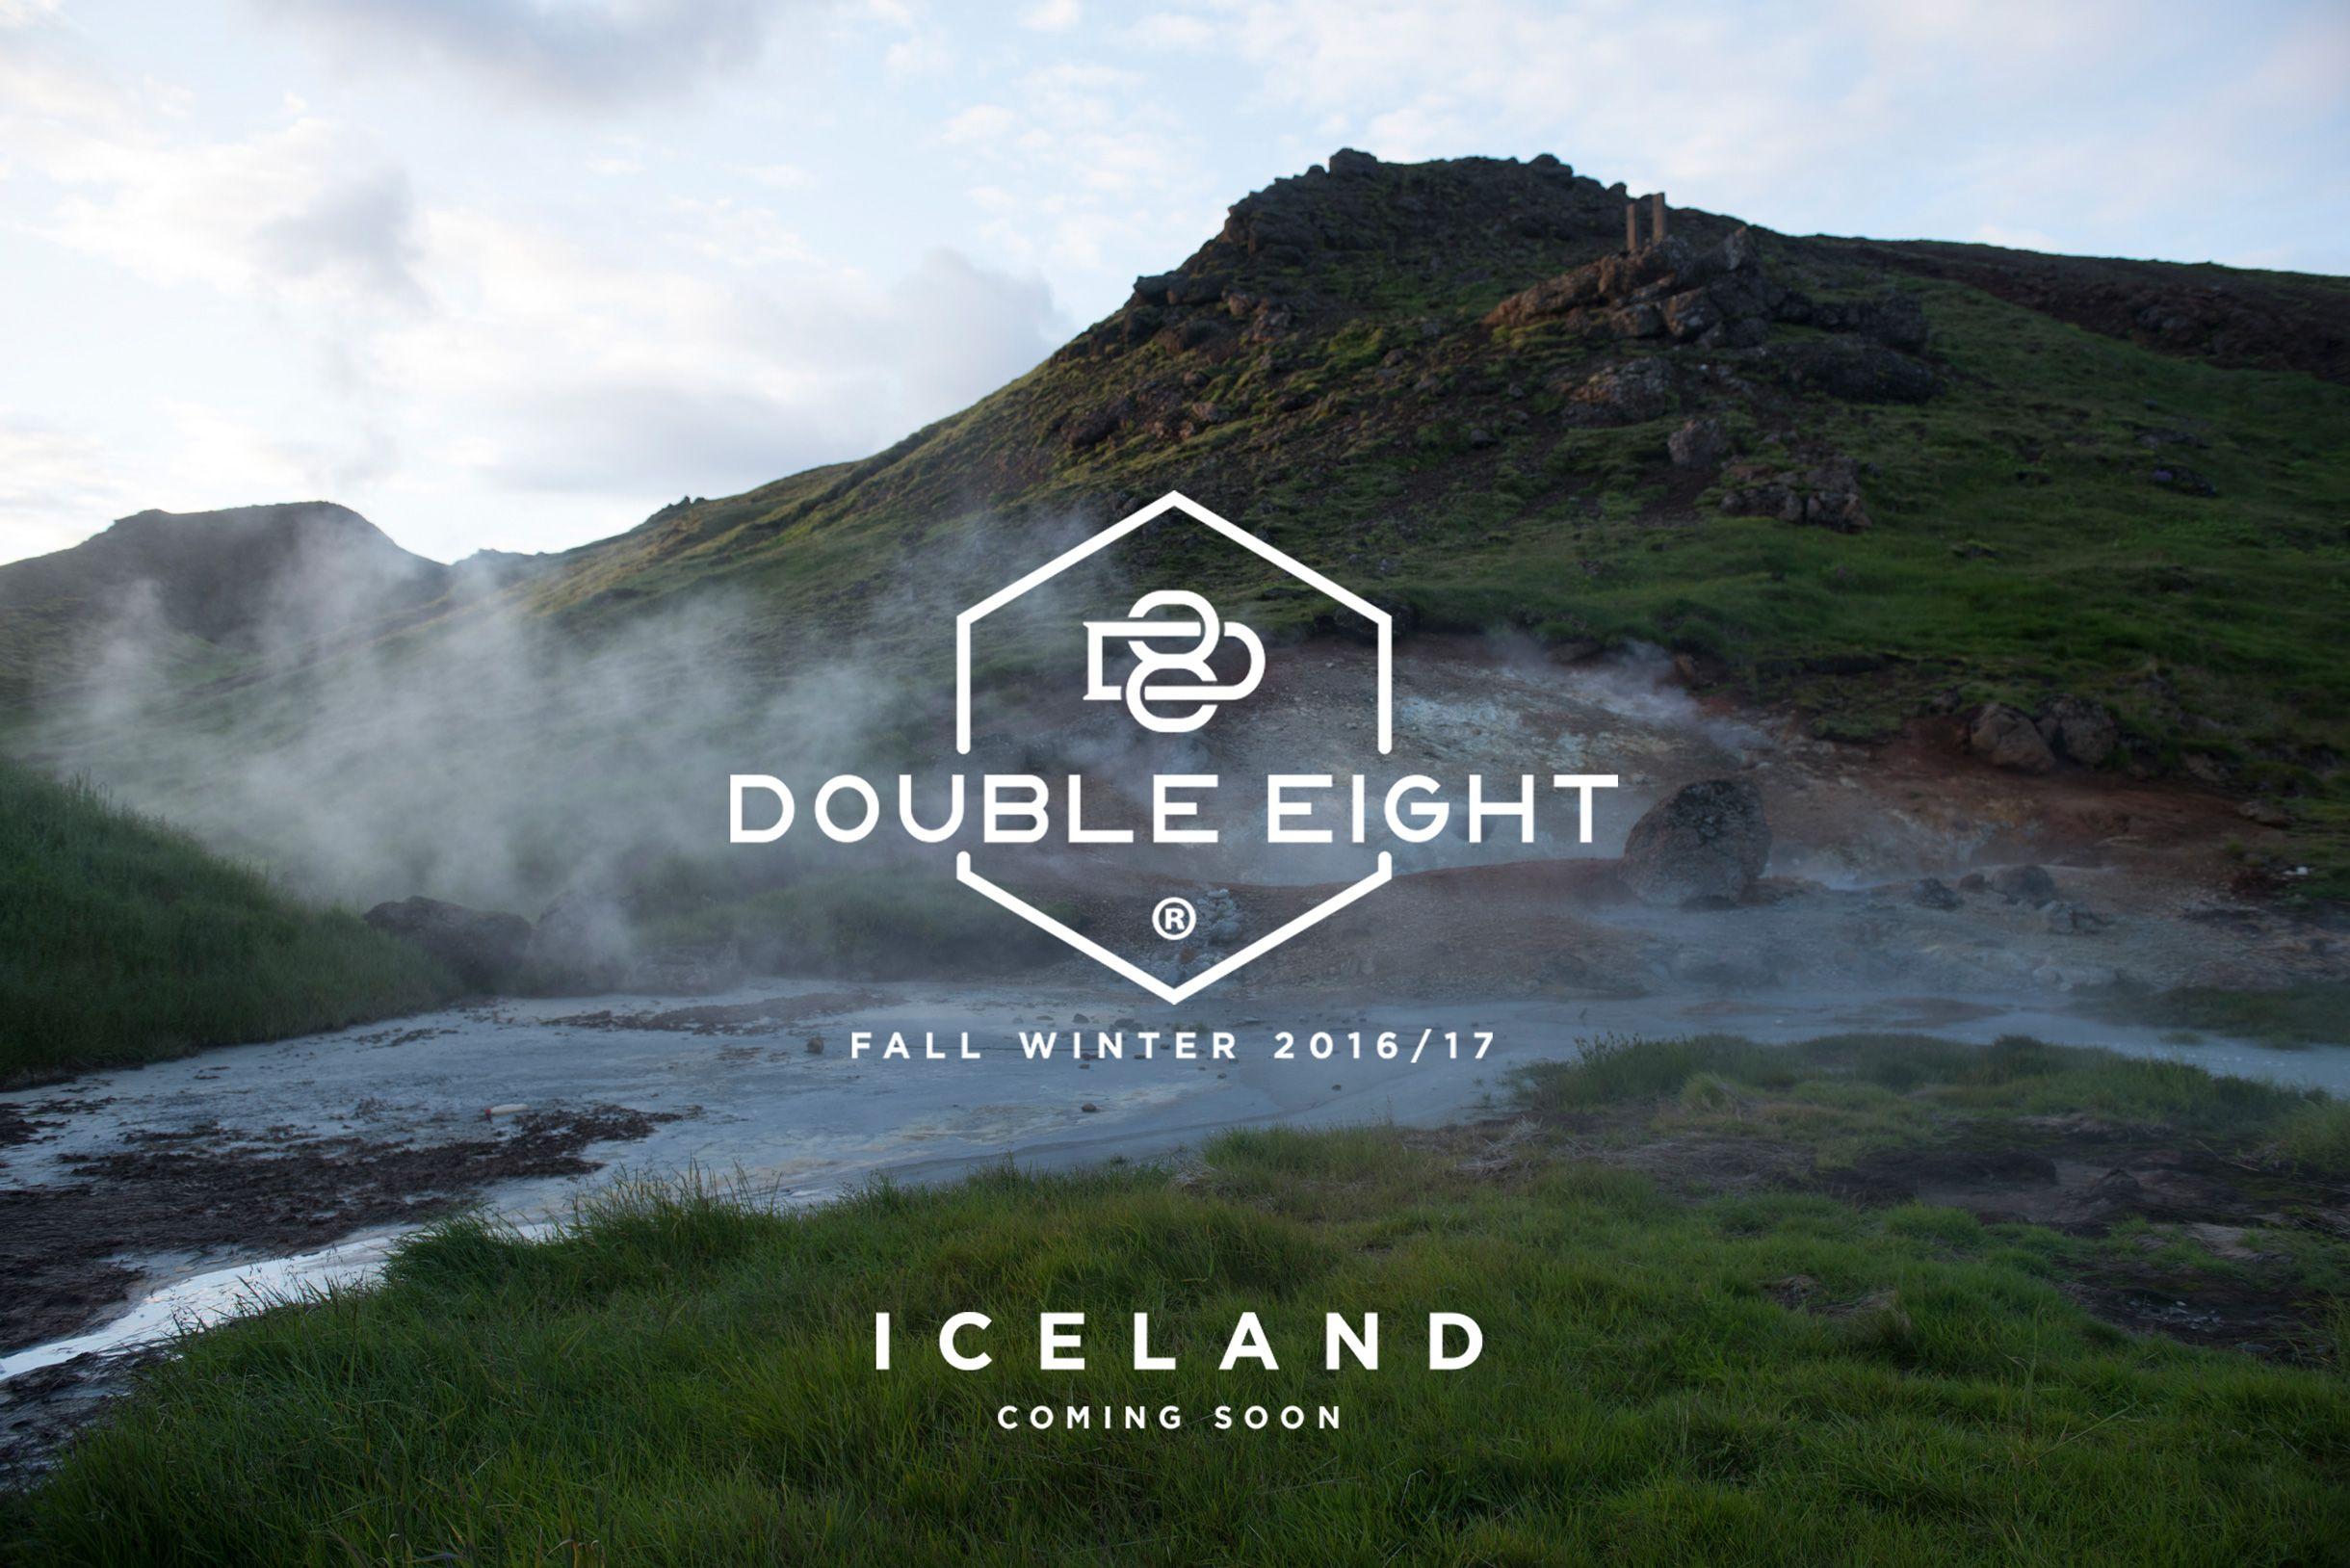 Fall/Winter 2016-2017...Iceland Stiamo arrivando con la nuova collezione Stay Tuned! #DoubleEight #D8 #D8Iceland